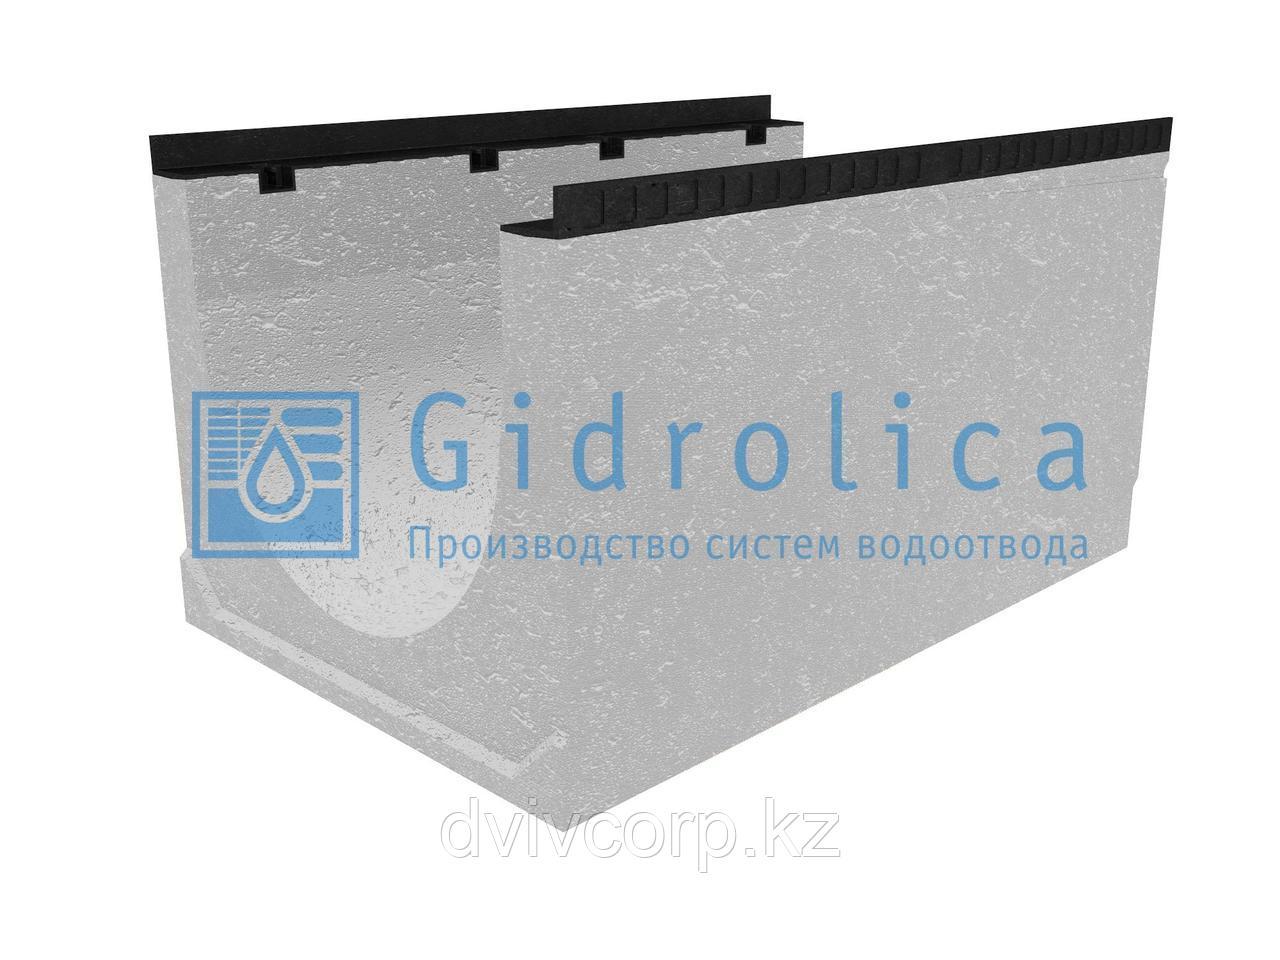 Лоток водоотводный бетонный коробчатый (СО-500мм)KU 100.65(50).55(46) - BGM, № 20-0